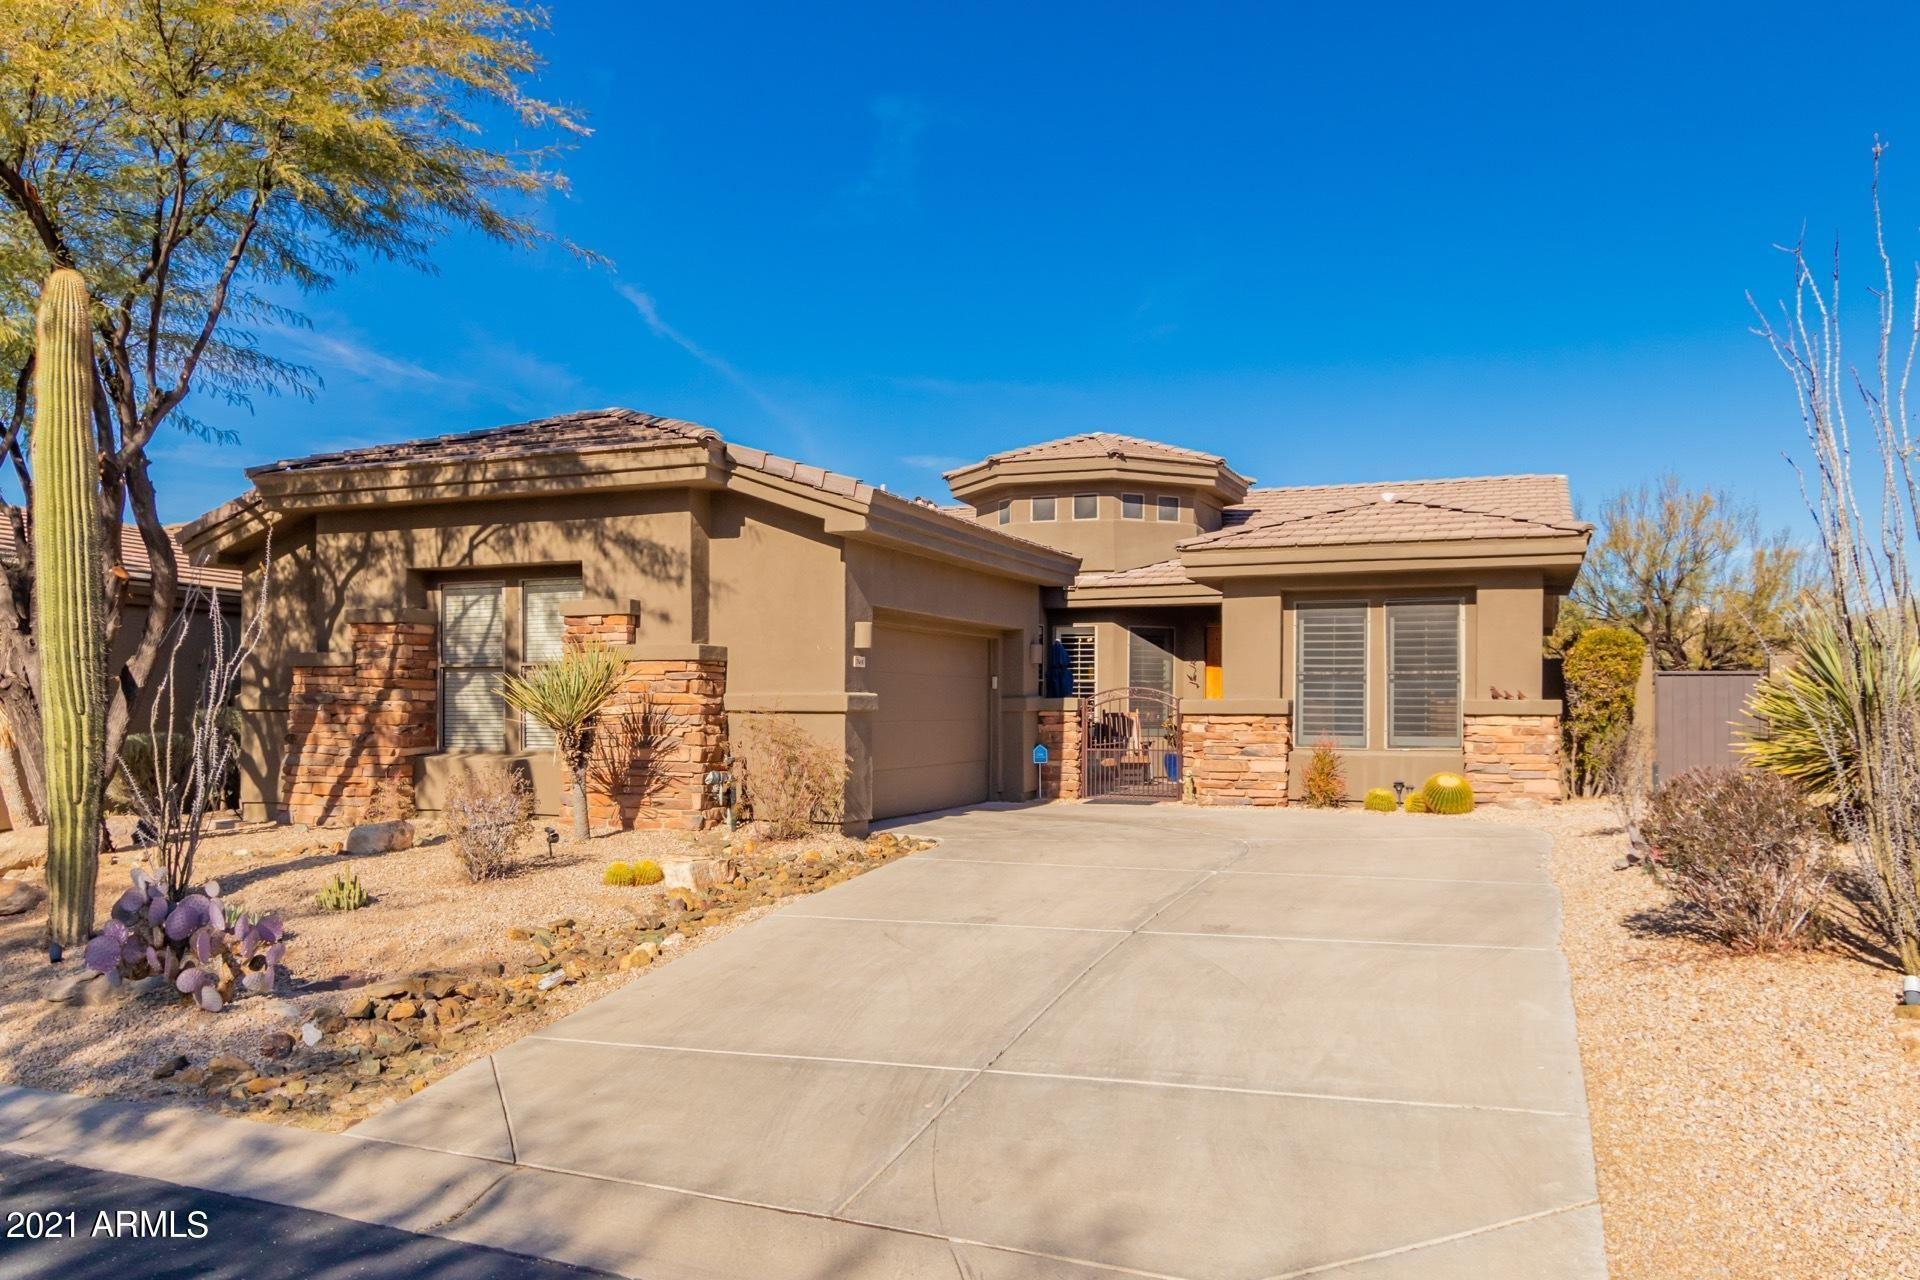 7468 E SOARING EAGLE Way, Scottsdale, AZ 85266 - MLS#: 6180827